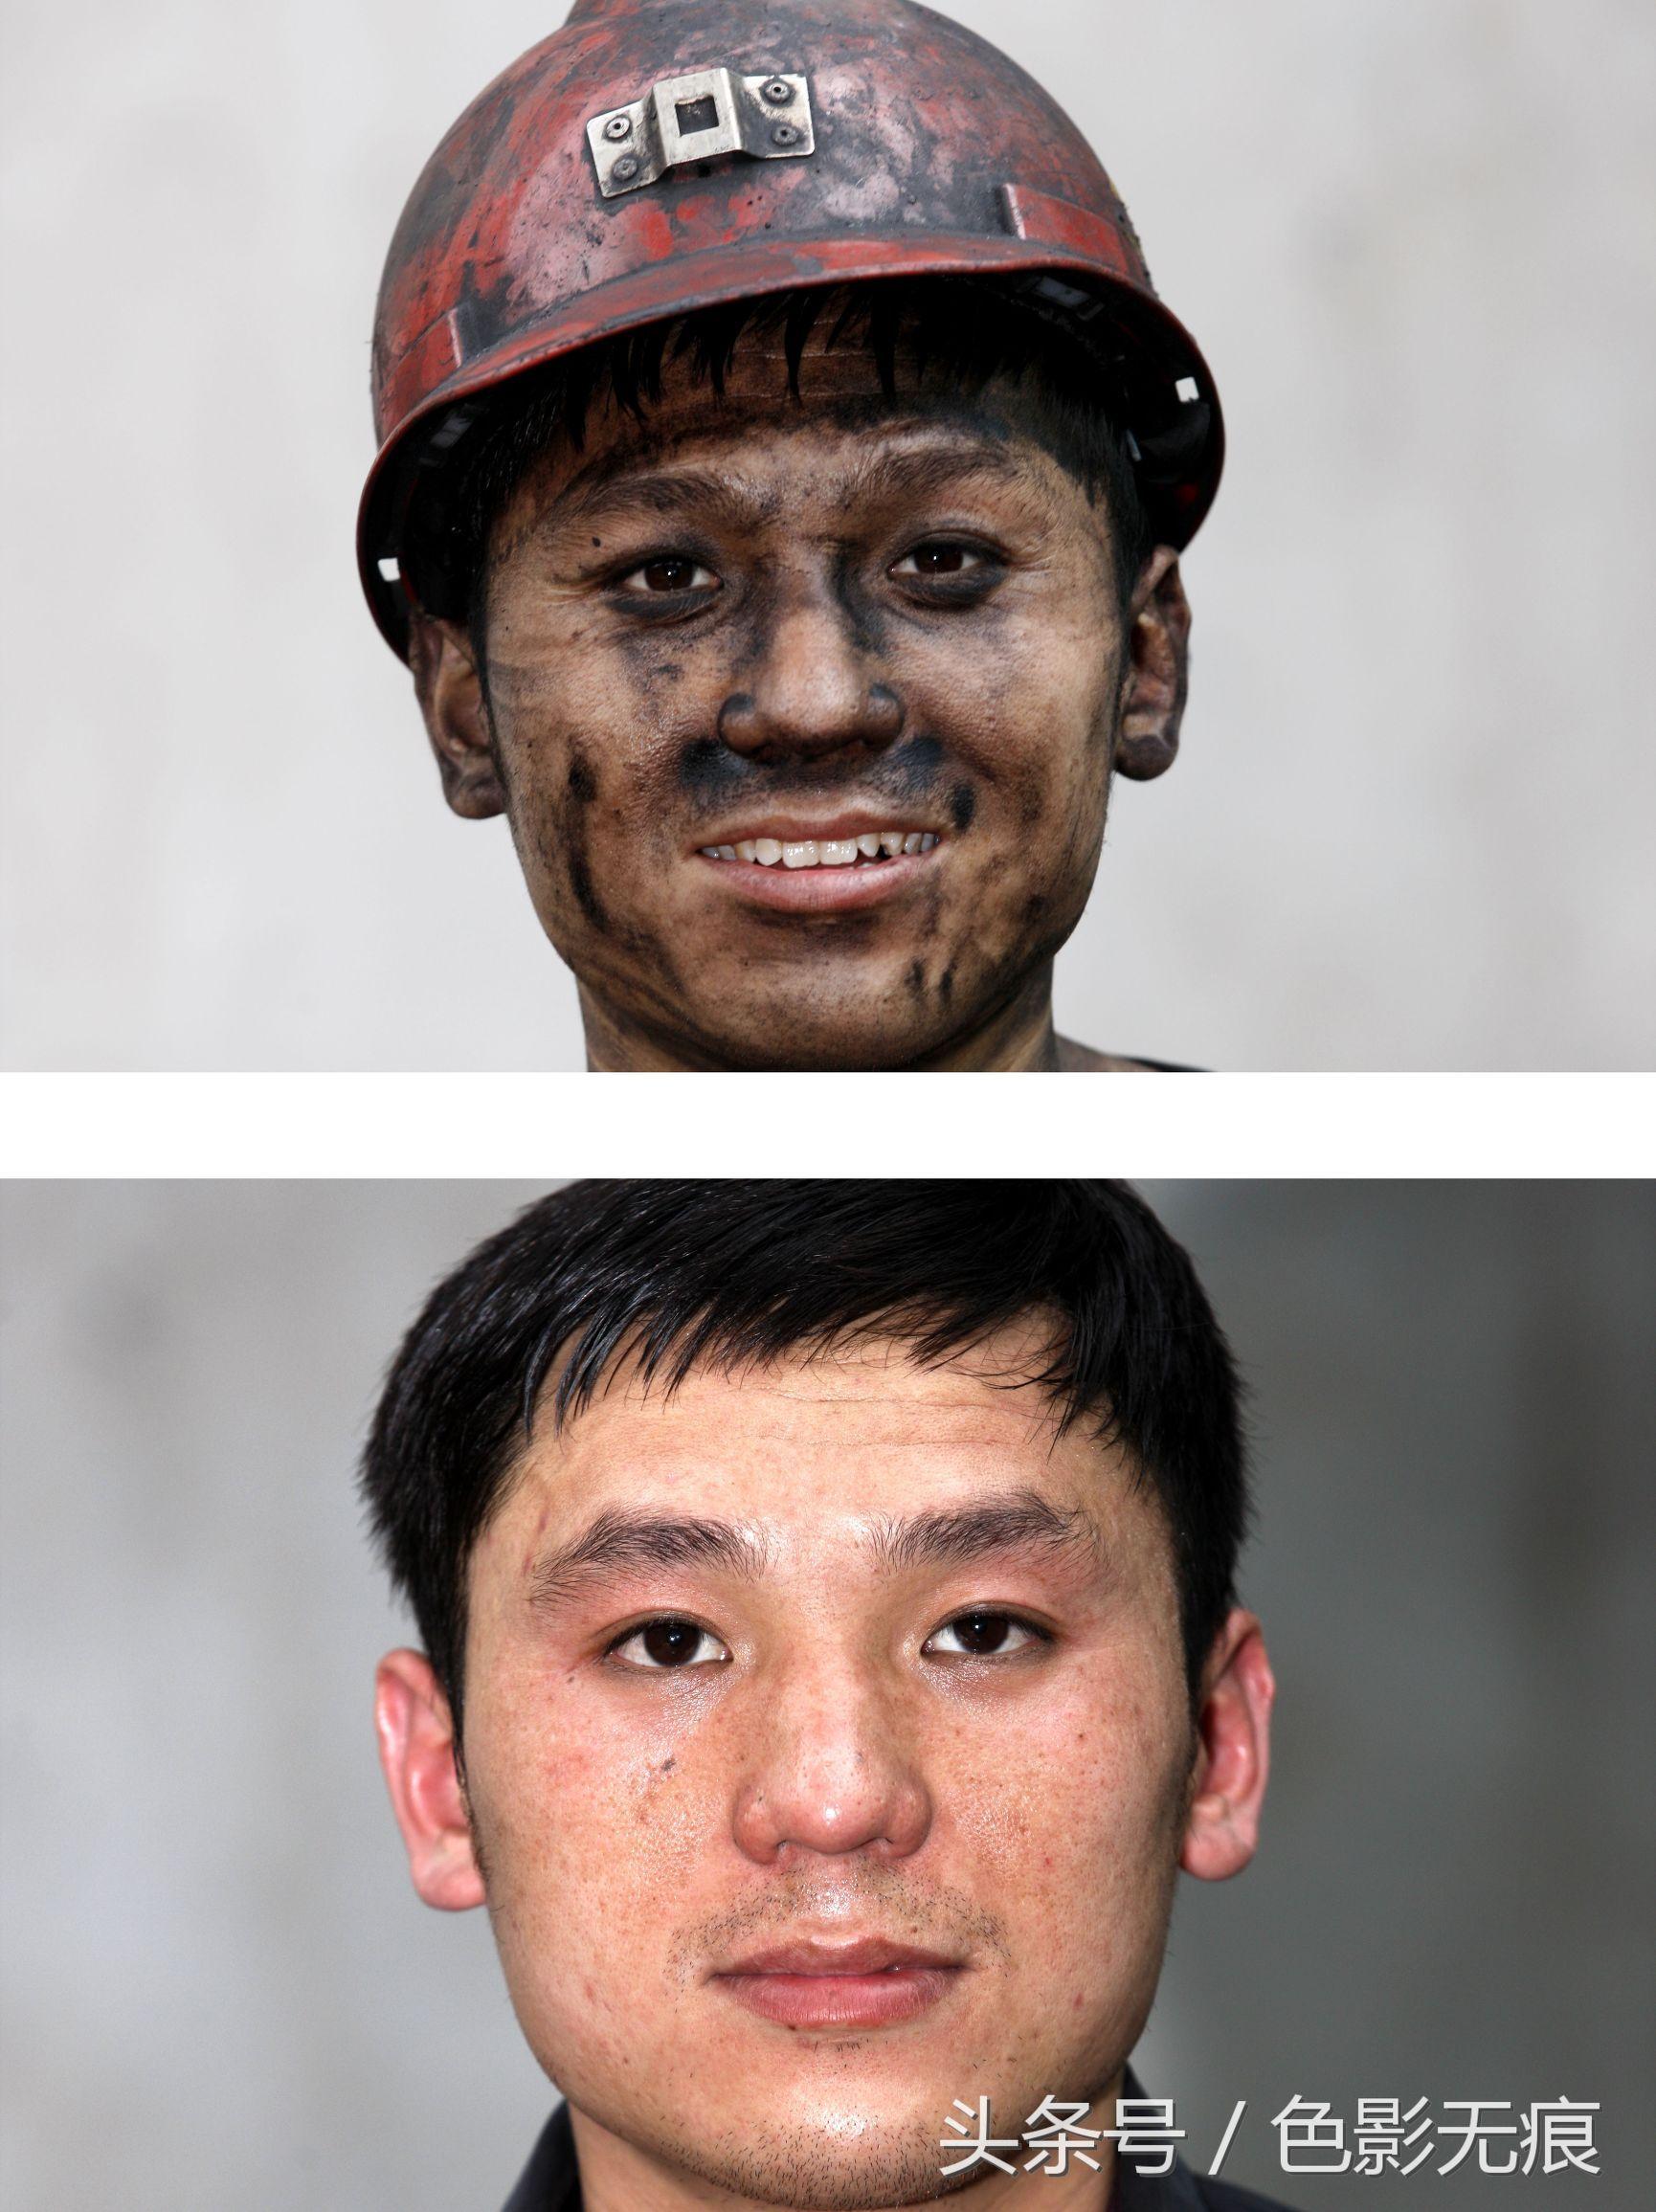 实拍煤矿工人肖像,洗澡前后判若两人